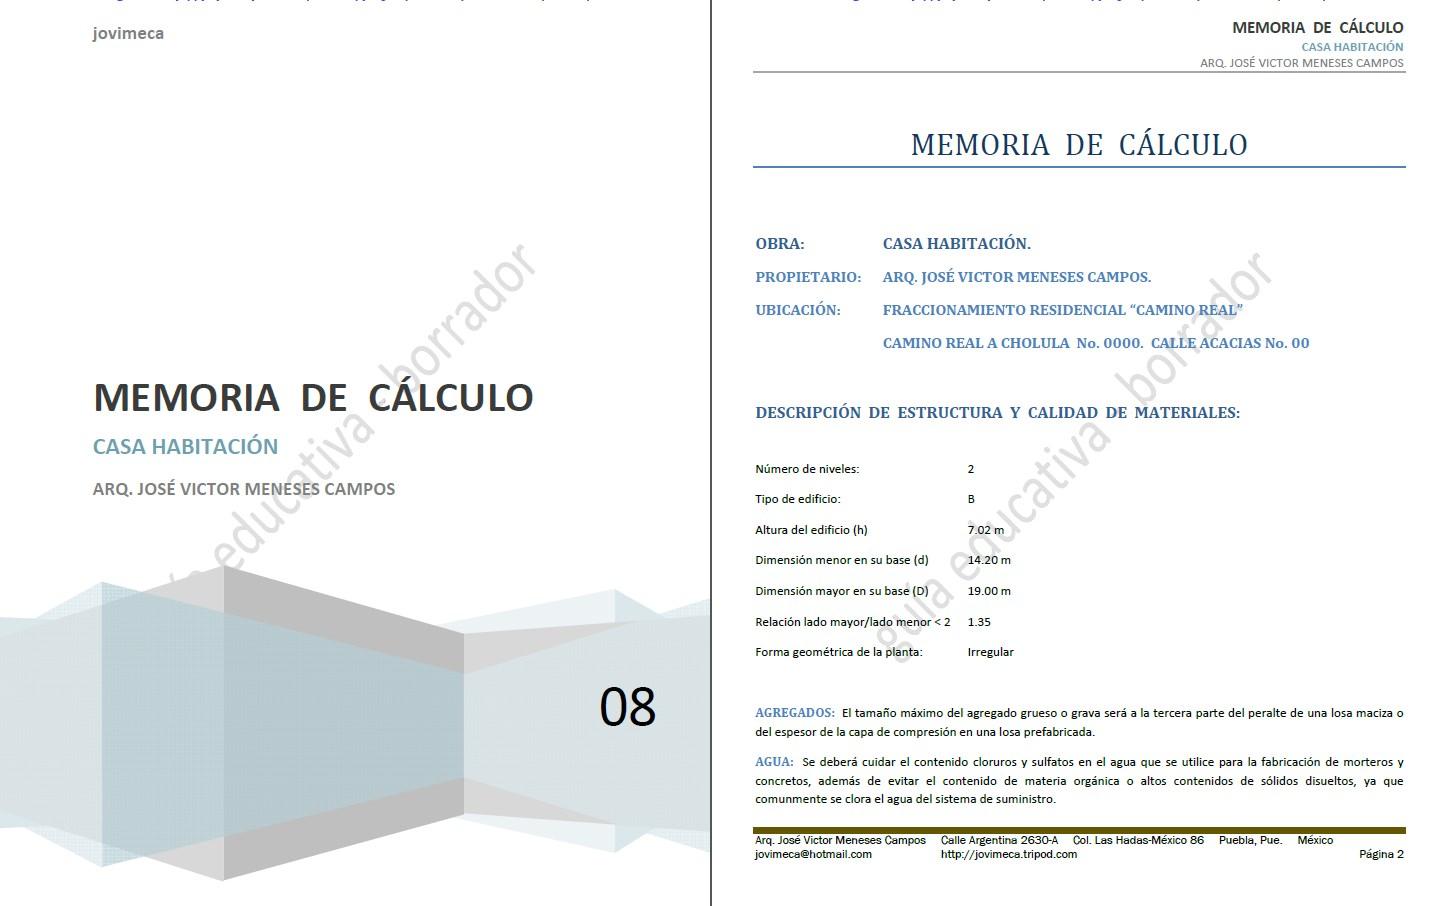 memoria de c lculo casa habitaci n 5 3 mb aporte a la On memoria de calculo estructural vivienda